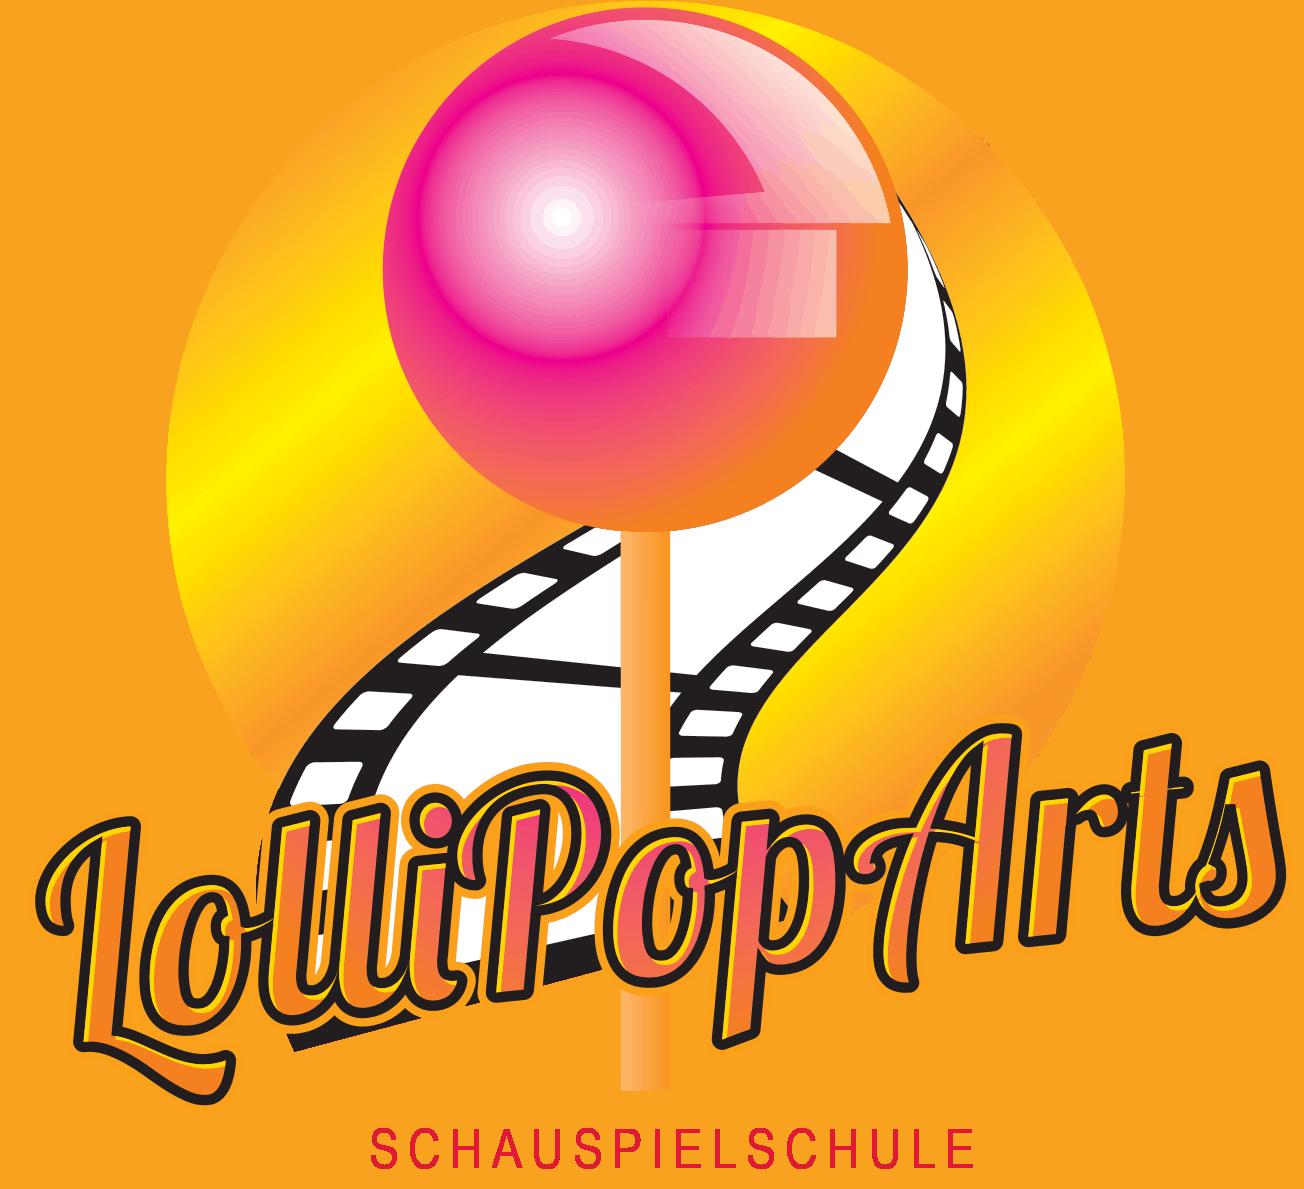 lollipoparts.de